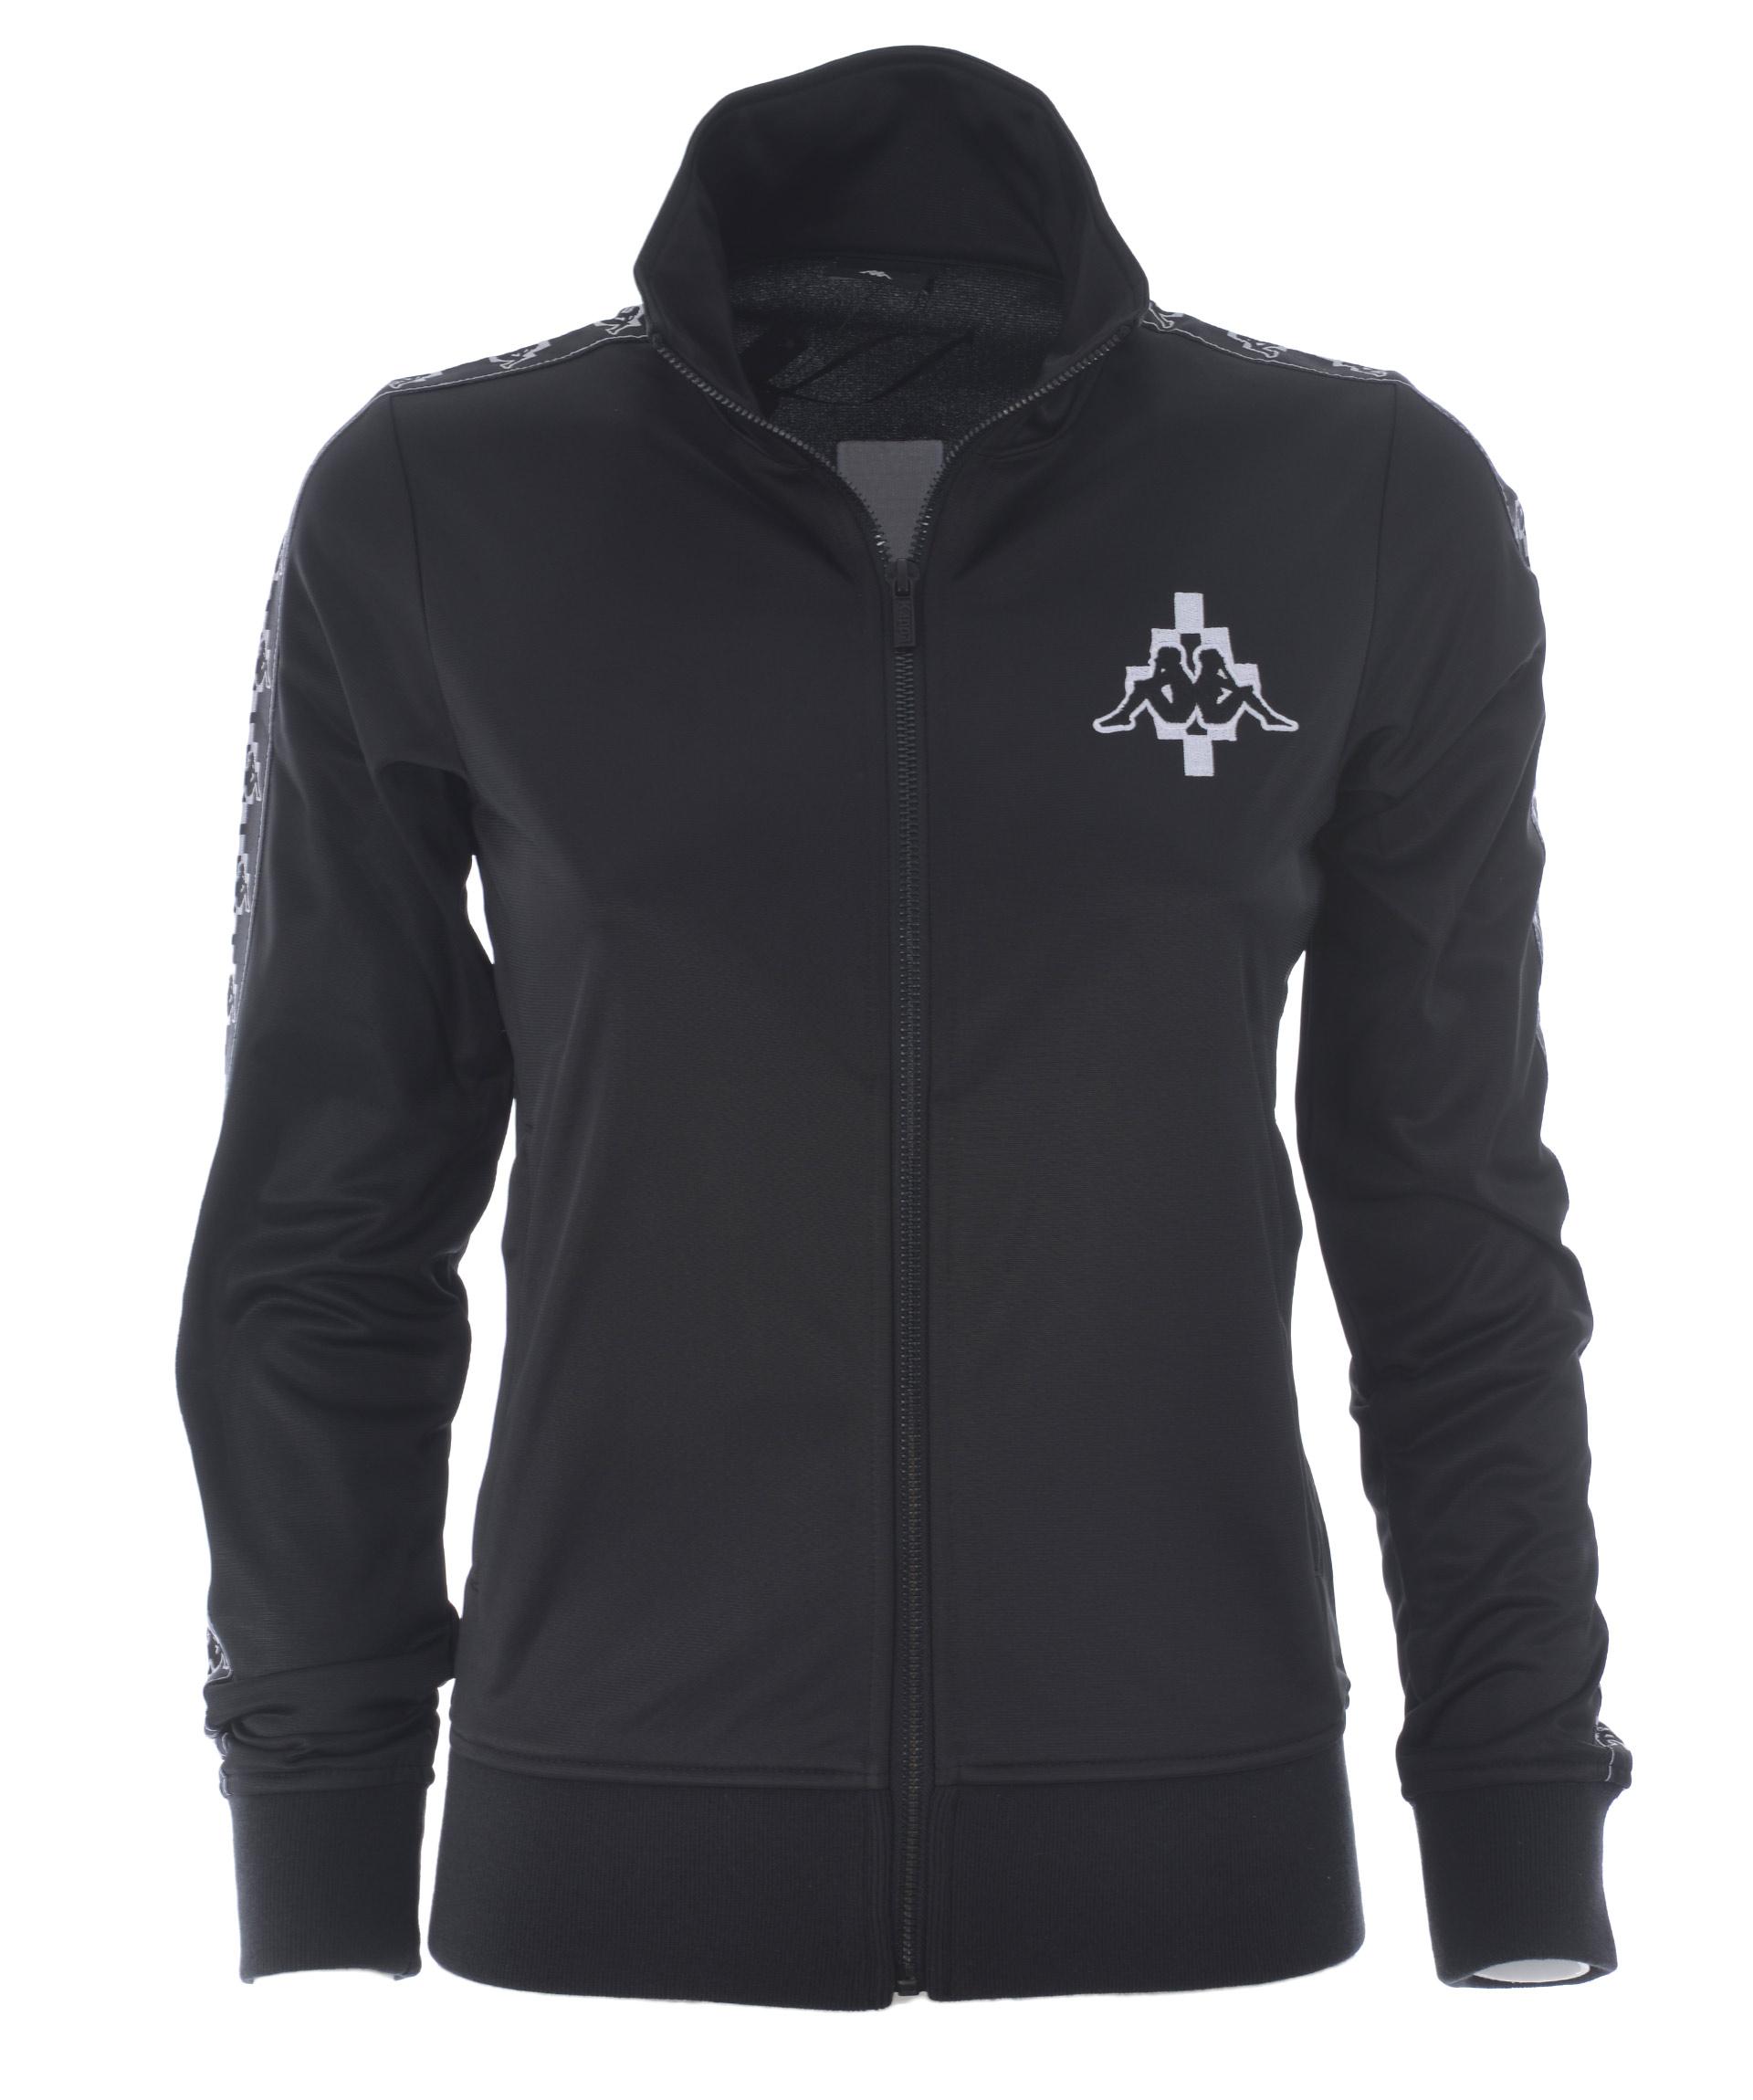 design senza tempo e98fd b9a7e Jacket